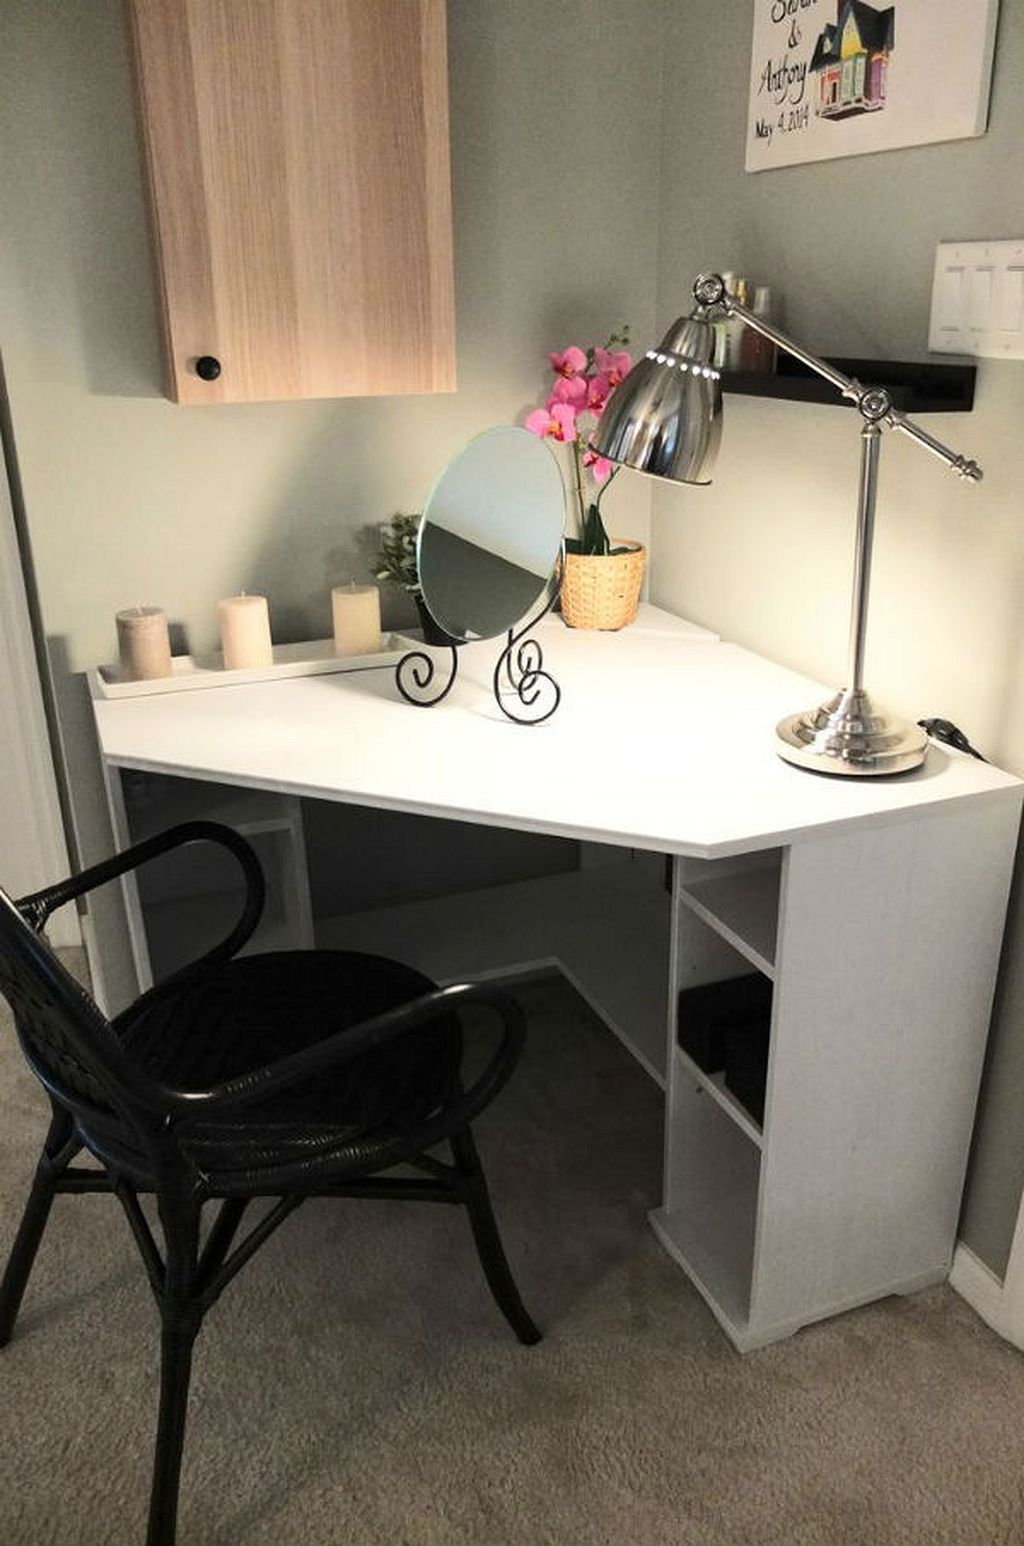 Ikea Computer Drawers Doors Dresser